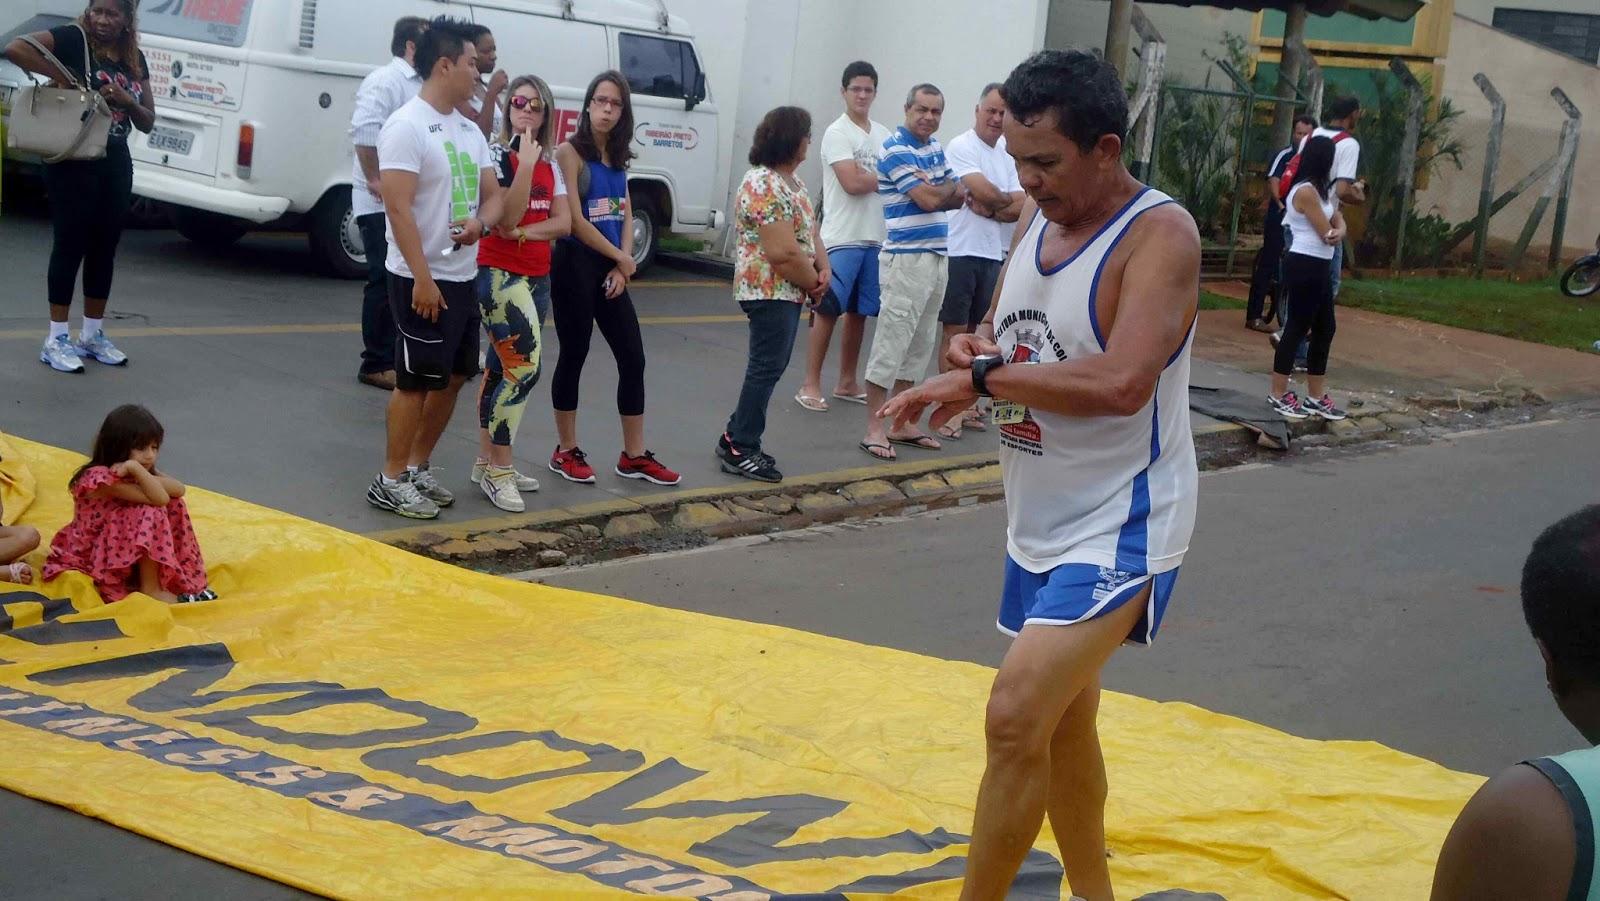 Foto 122 da 1ª Corrida Av. dos Coqueiros em Barretos-SP 14/04/2013 – Atletas cruzando a linha de chegada